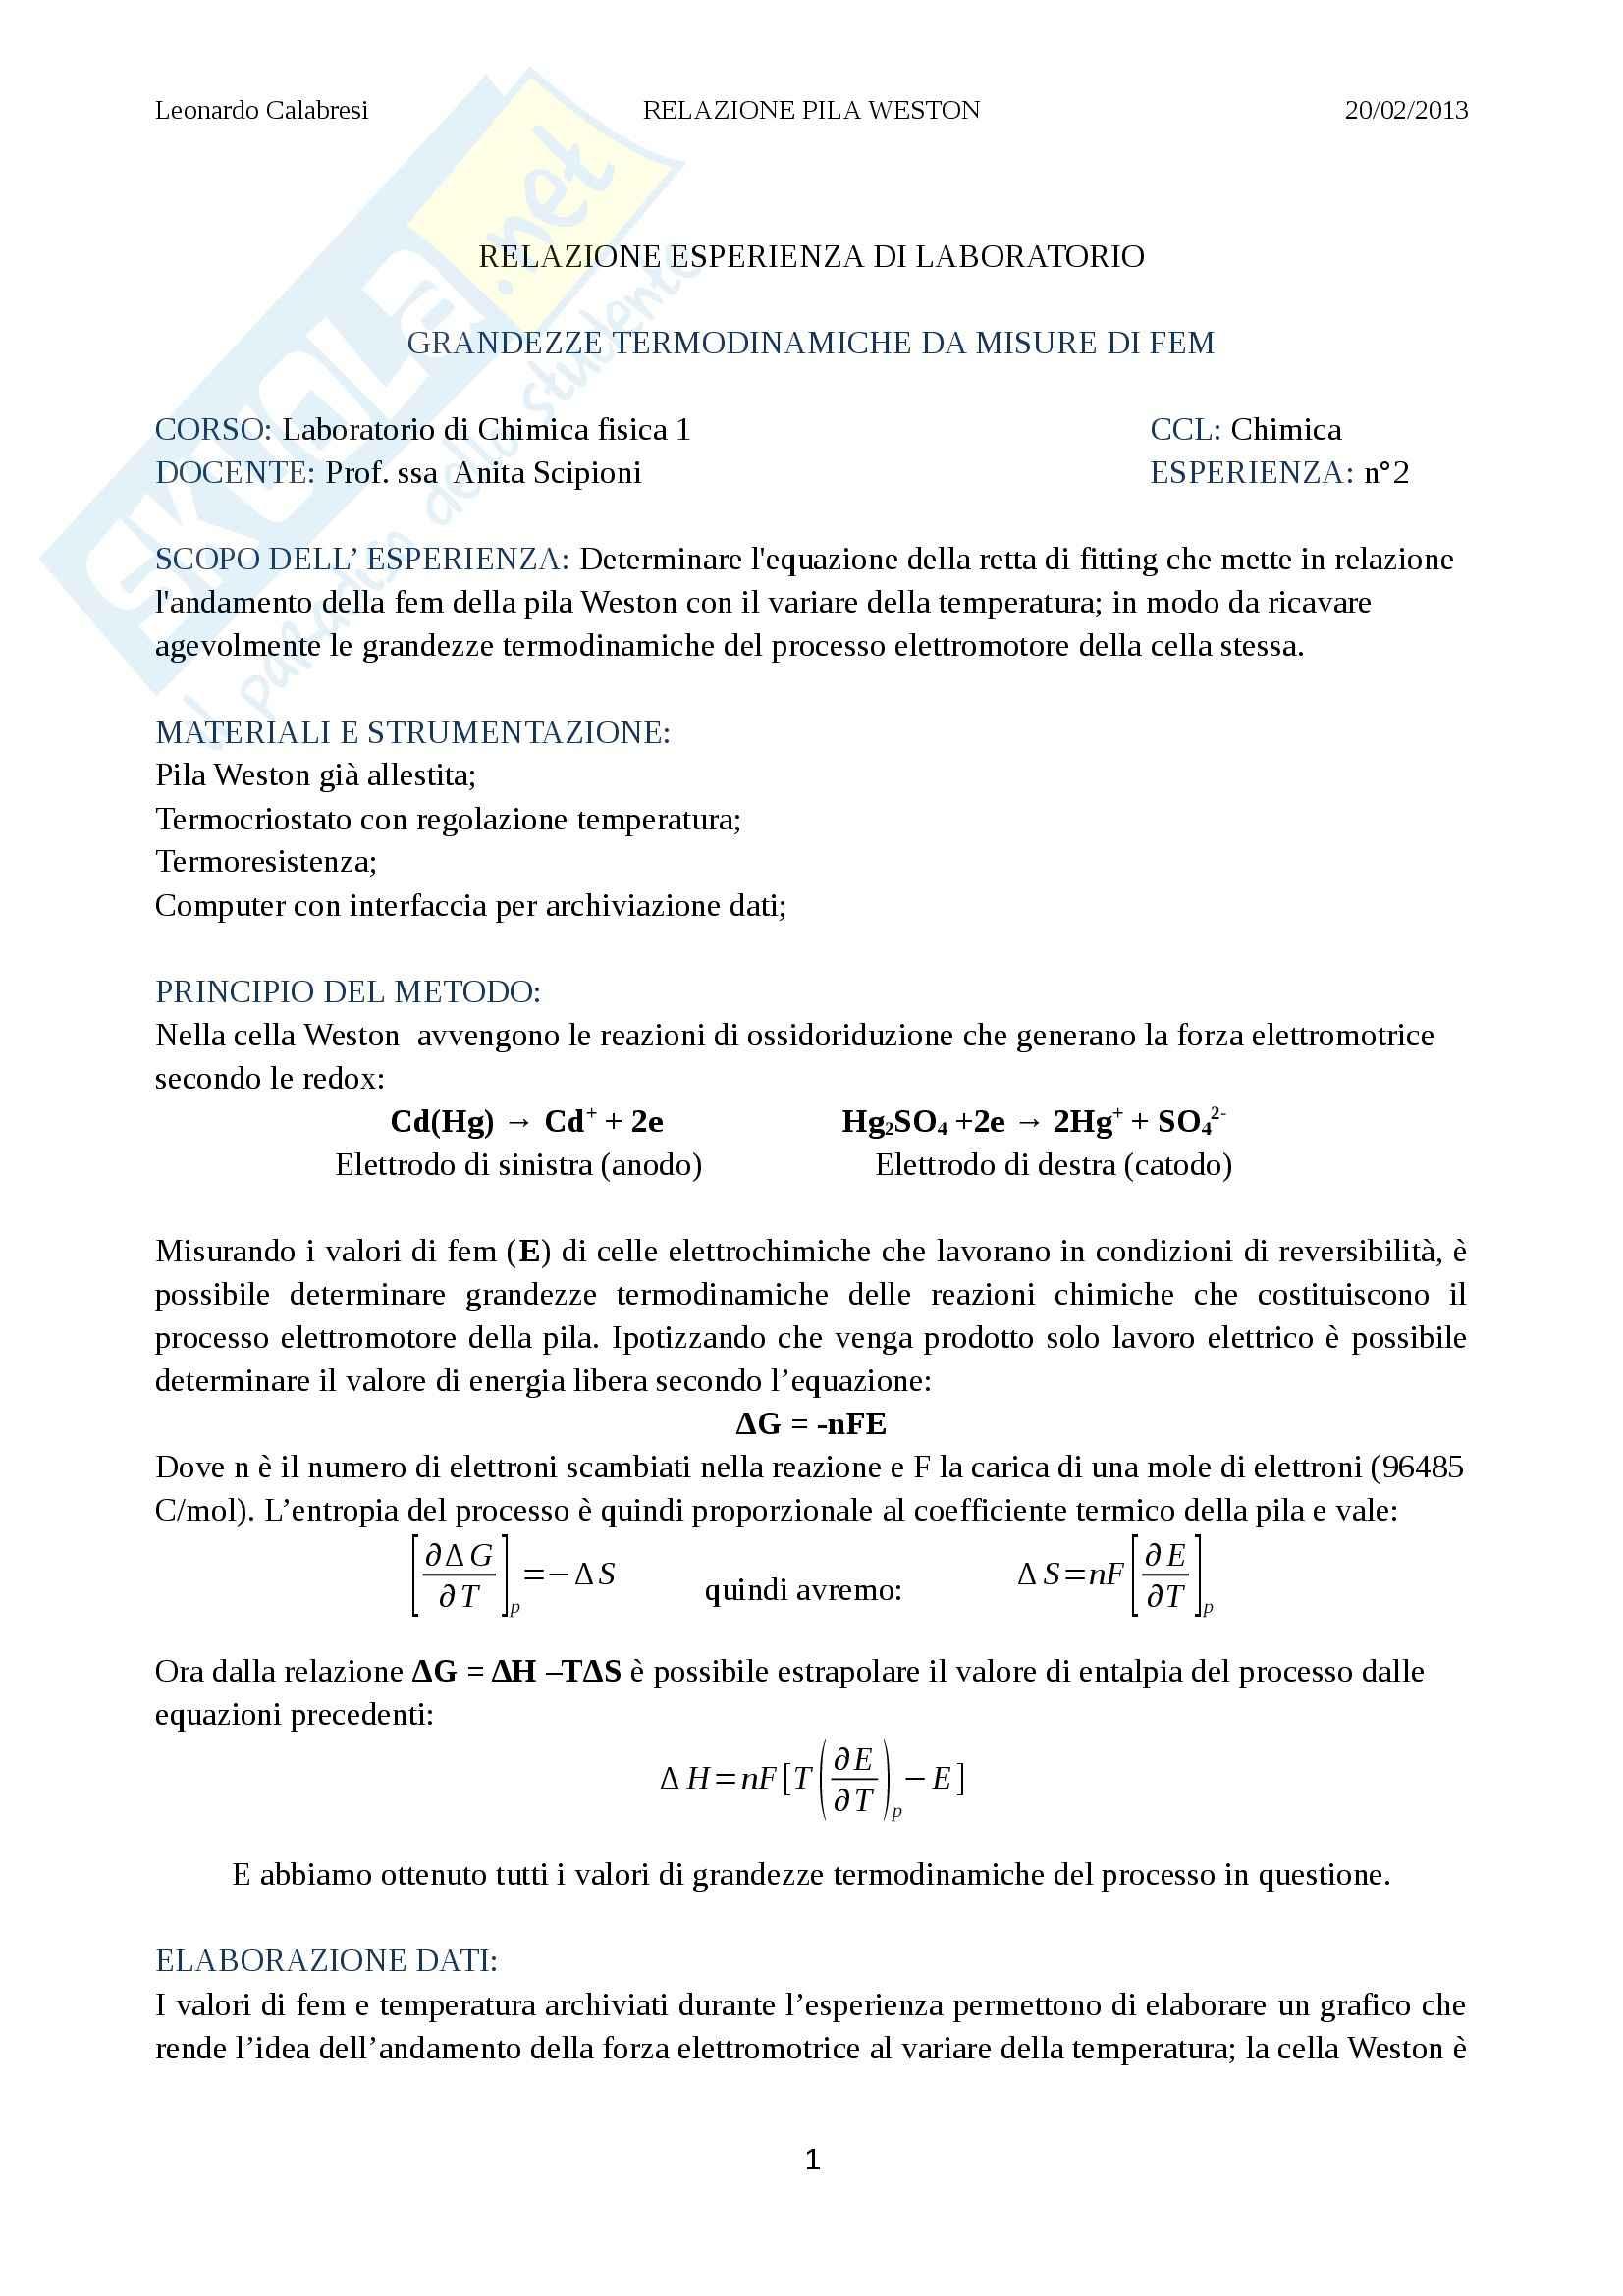 Relazione laboratorio (pila), Chimica fisica